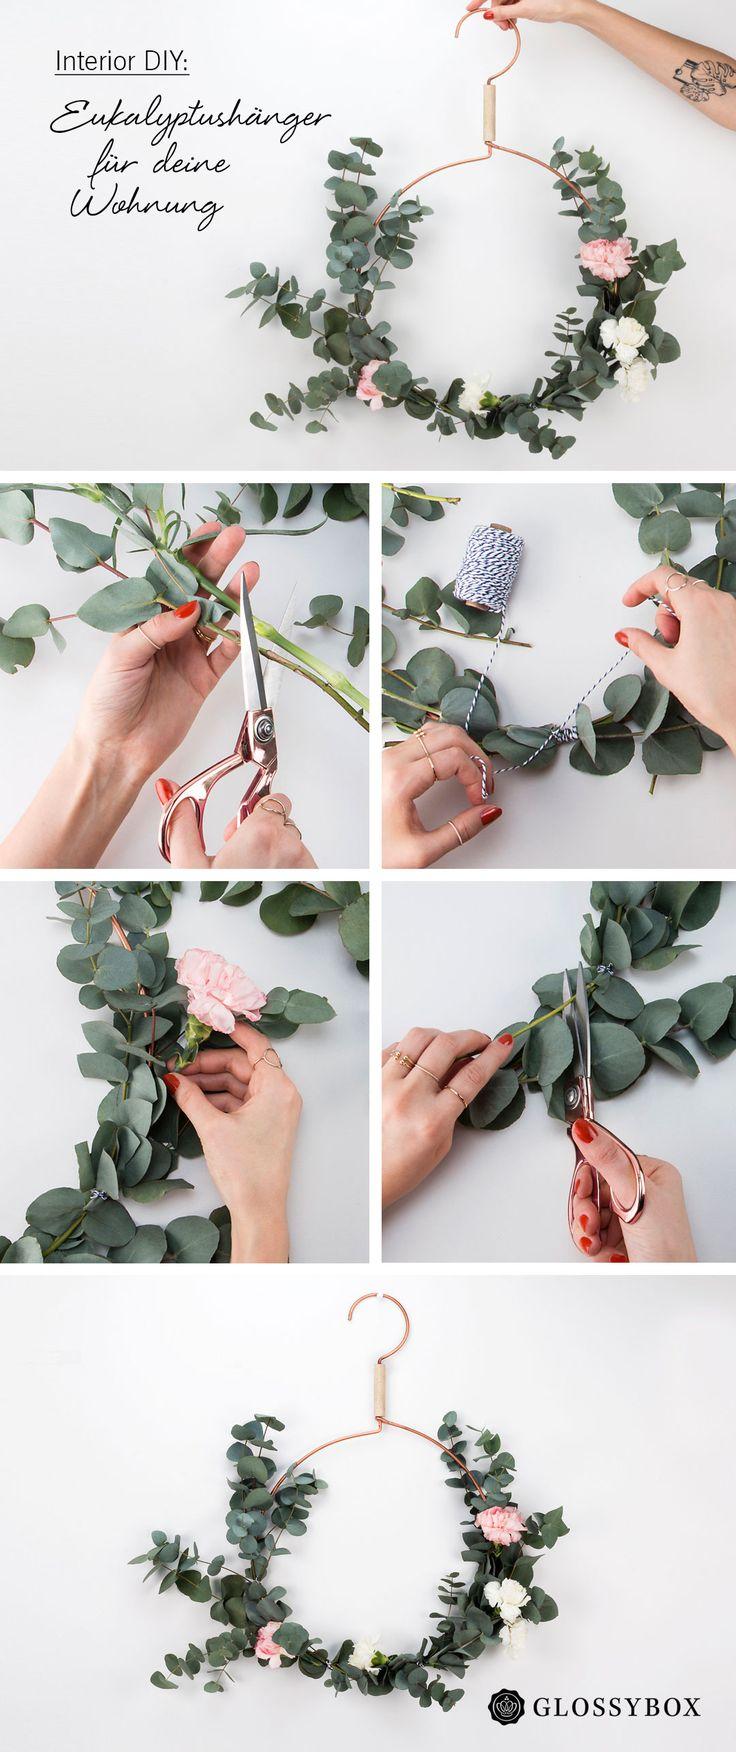 DIY für deine Wohnung: Hol dir mit dem zauberhaften Eukalyptushänger den Frühling in die Wohnung! #diy #blumen #eukalyptus